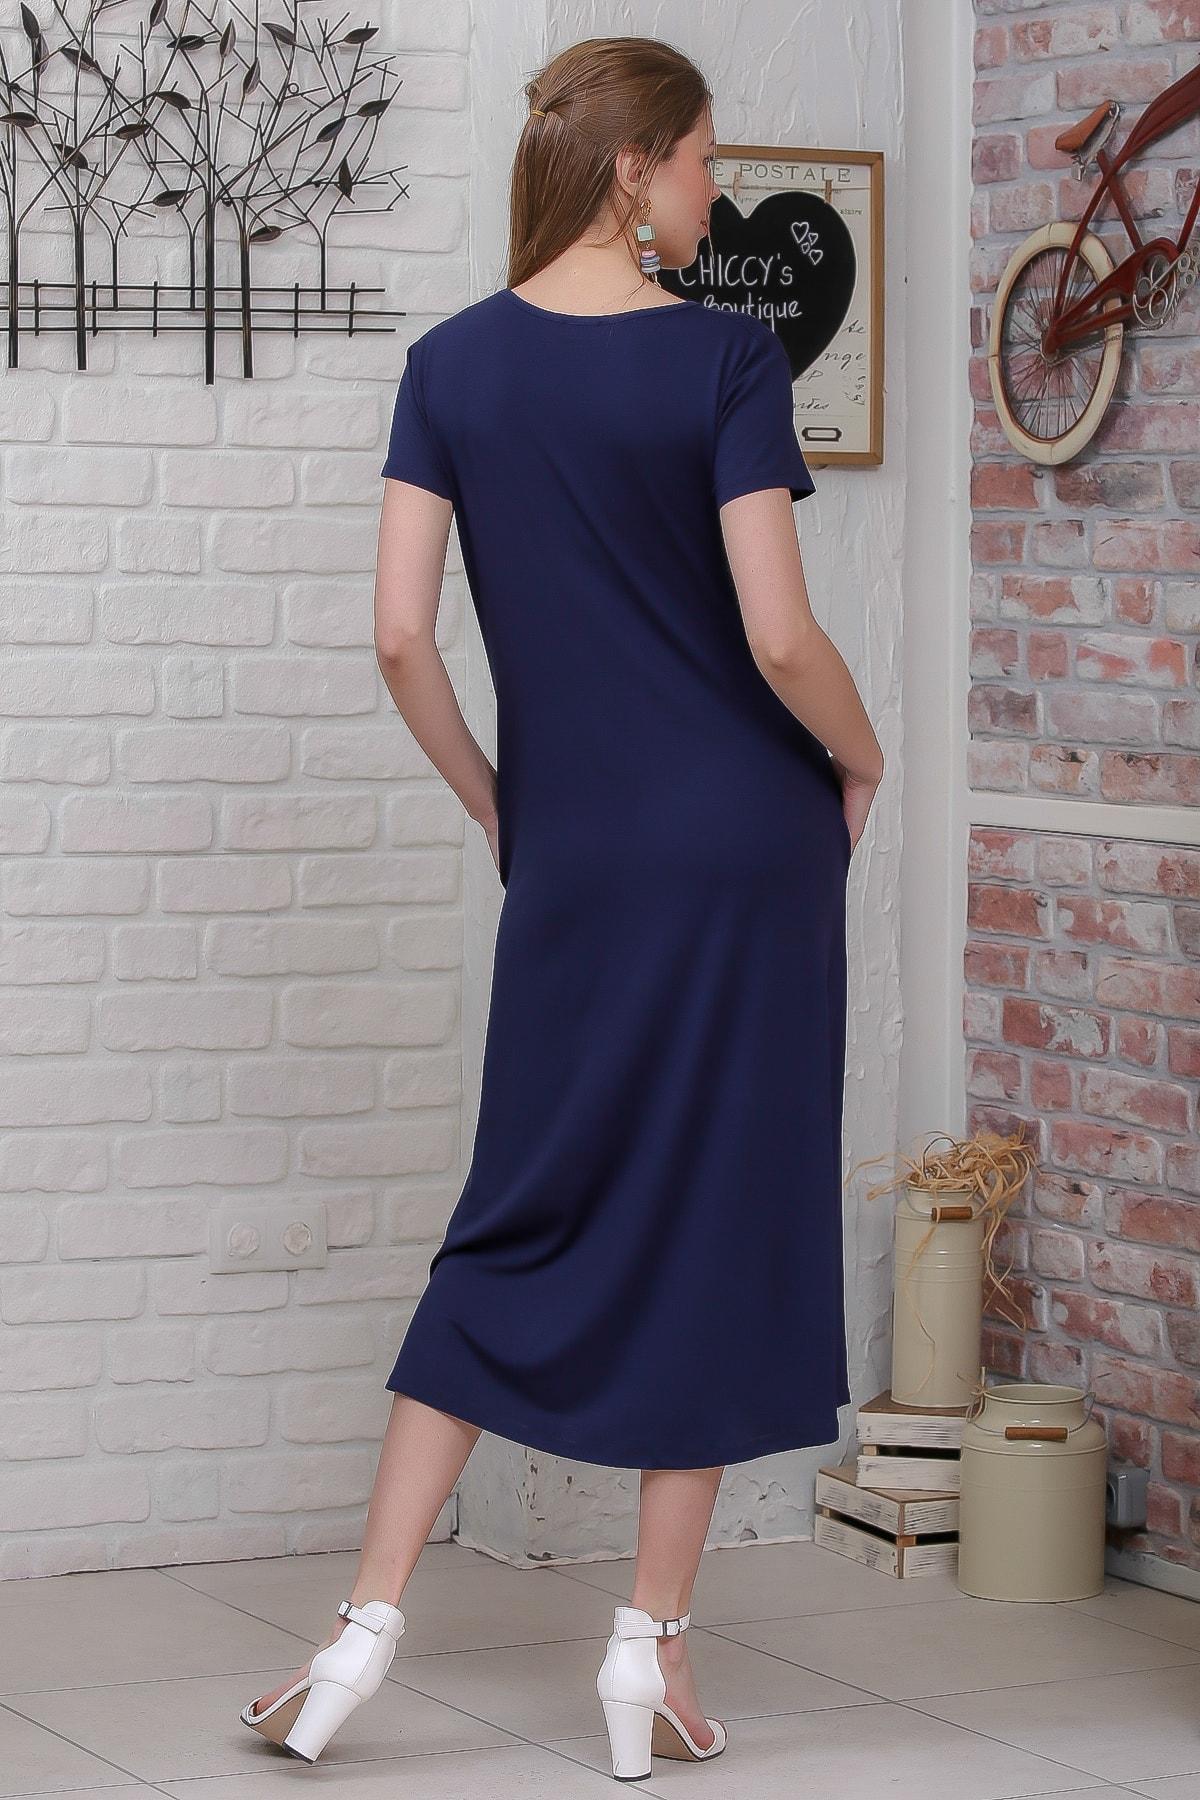 Chiccy Kadın Lacivert Sıfır Yaka Kısa Kollu Gizli Cepli Salaş Elbise M10160000EL95531 4